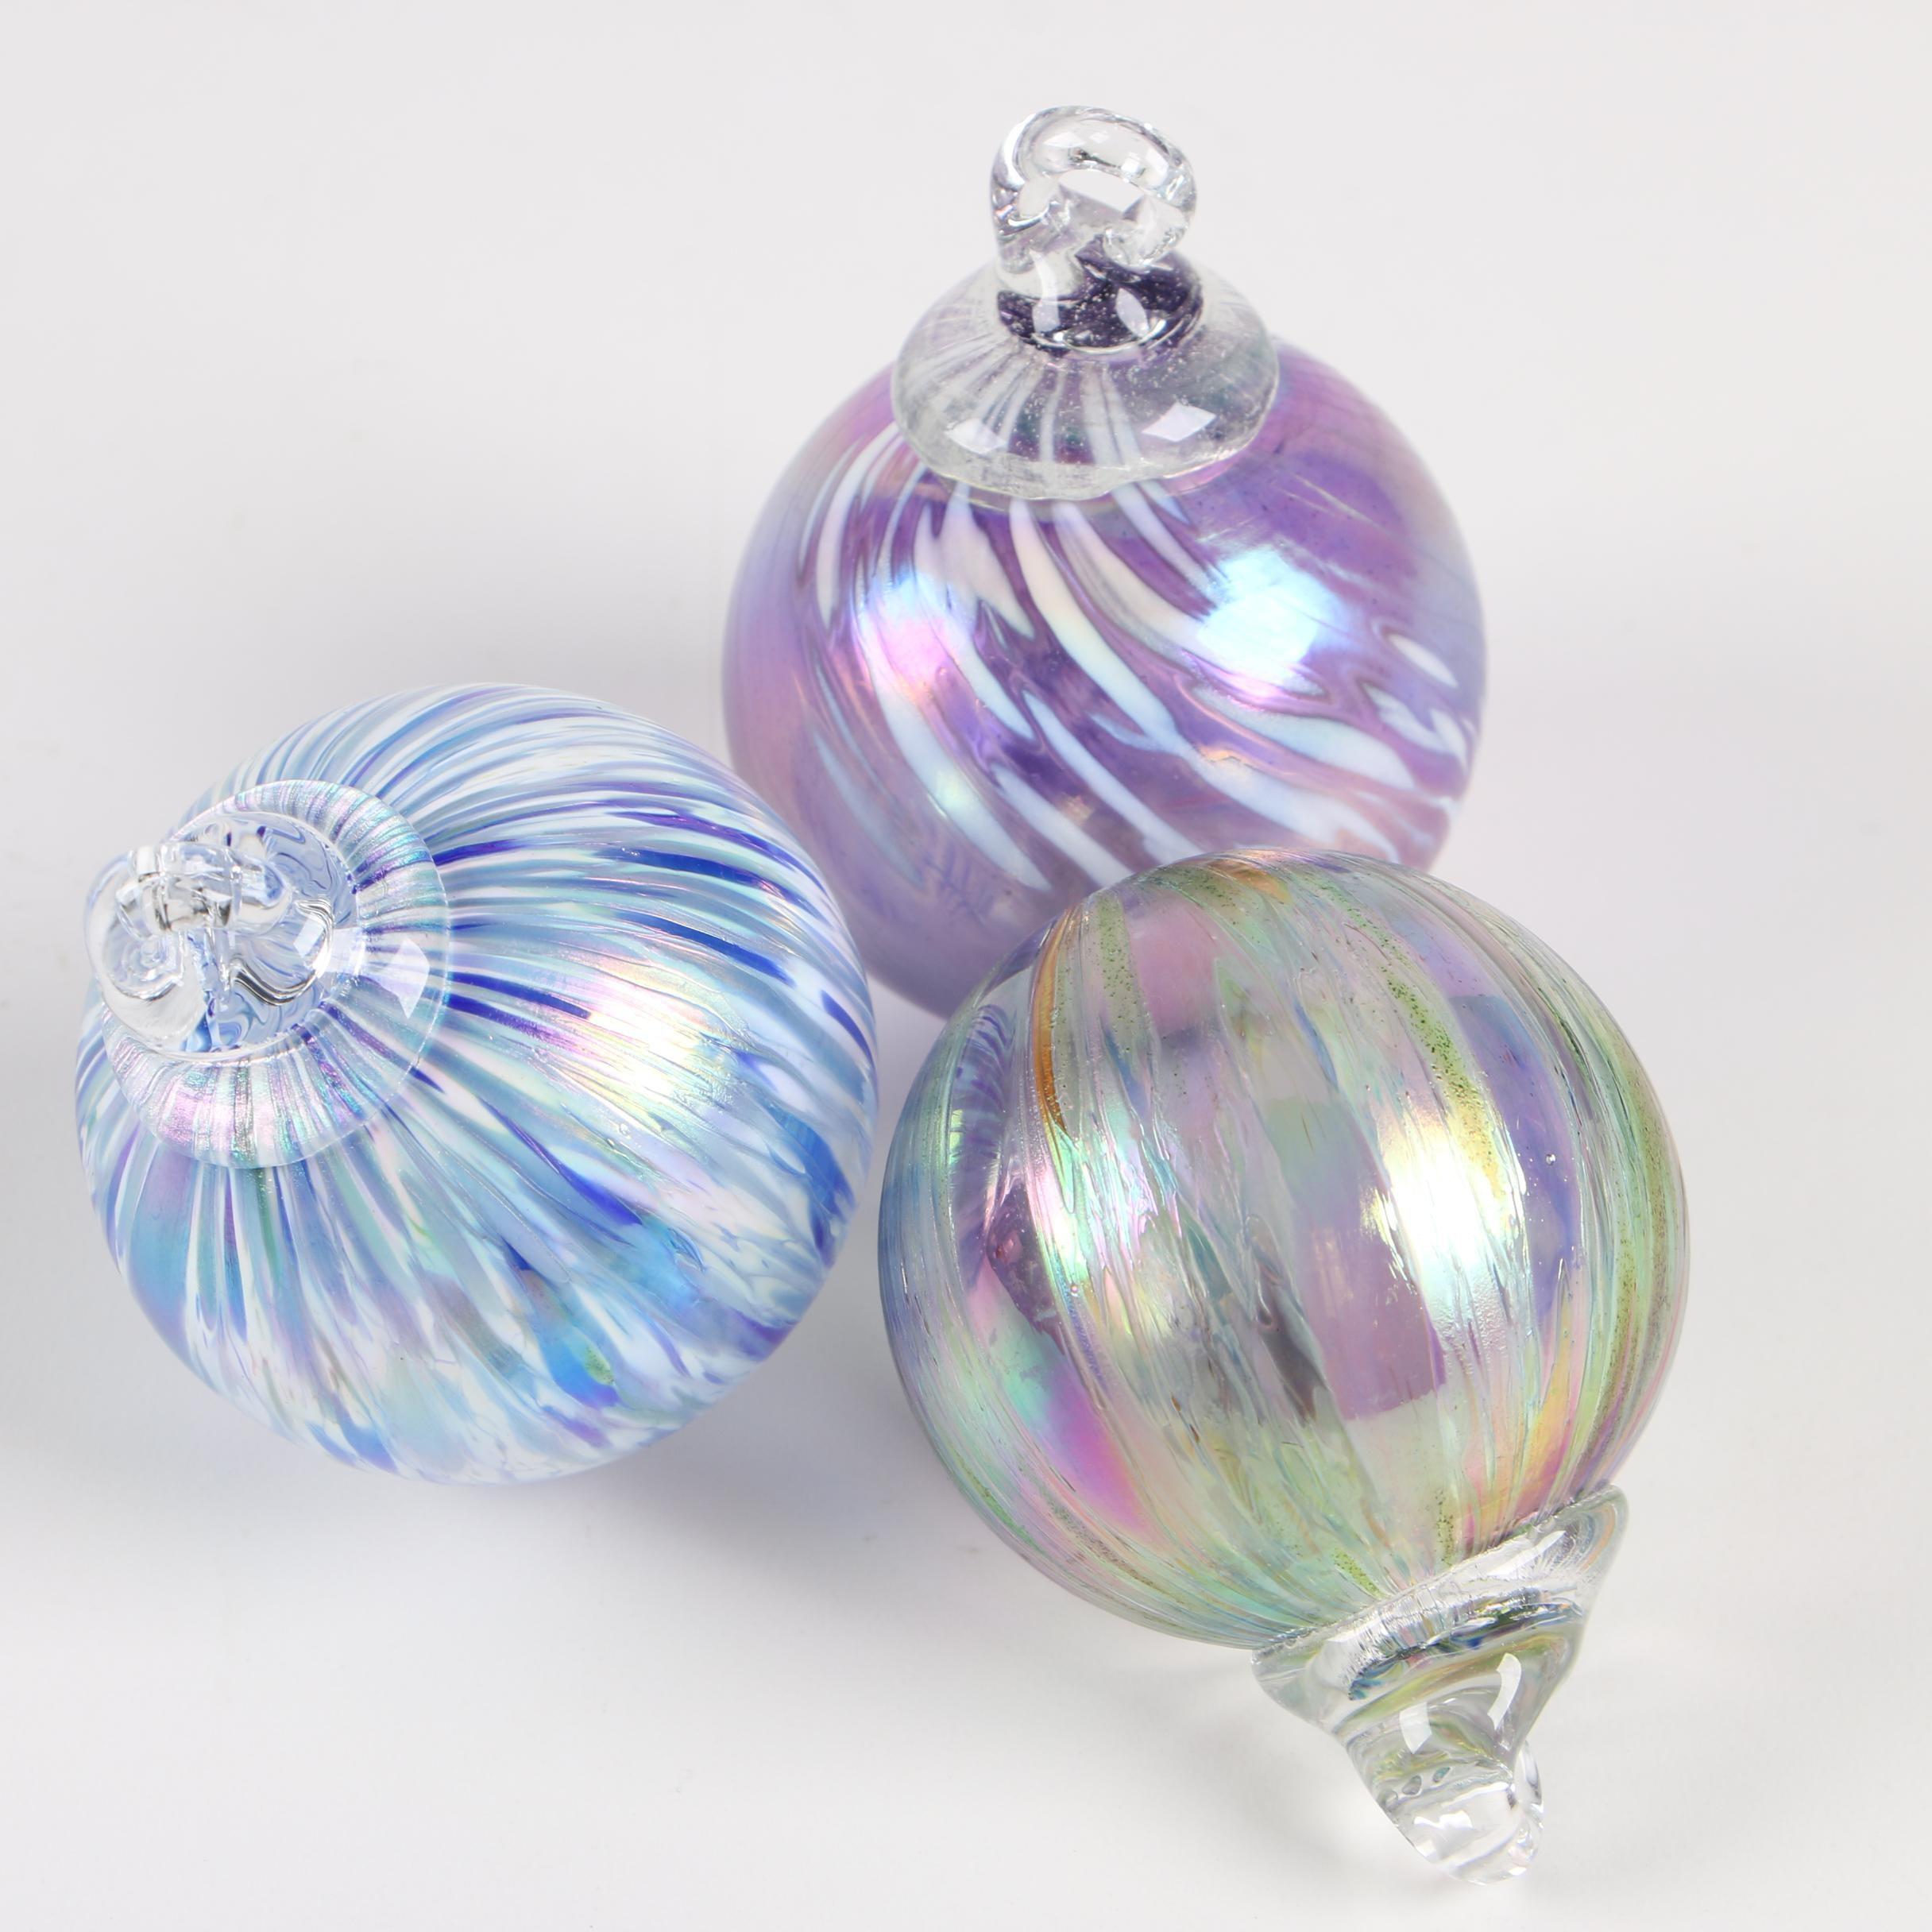 Multicolored Blown Glass Ornaments